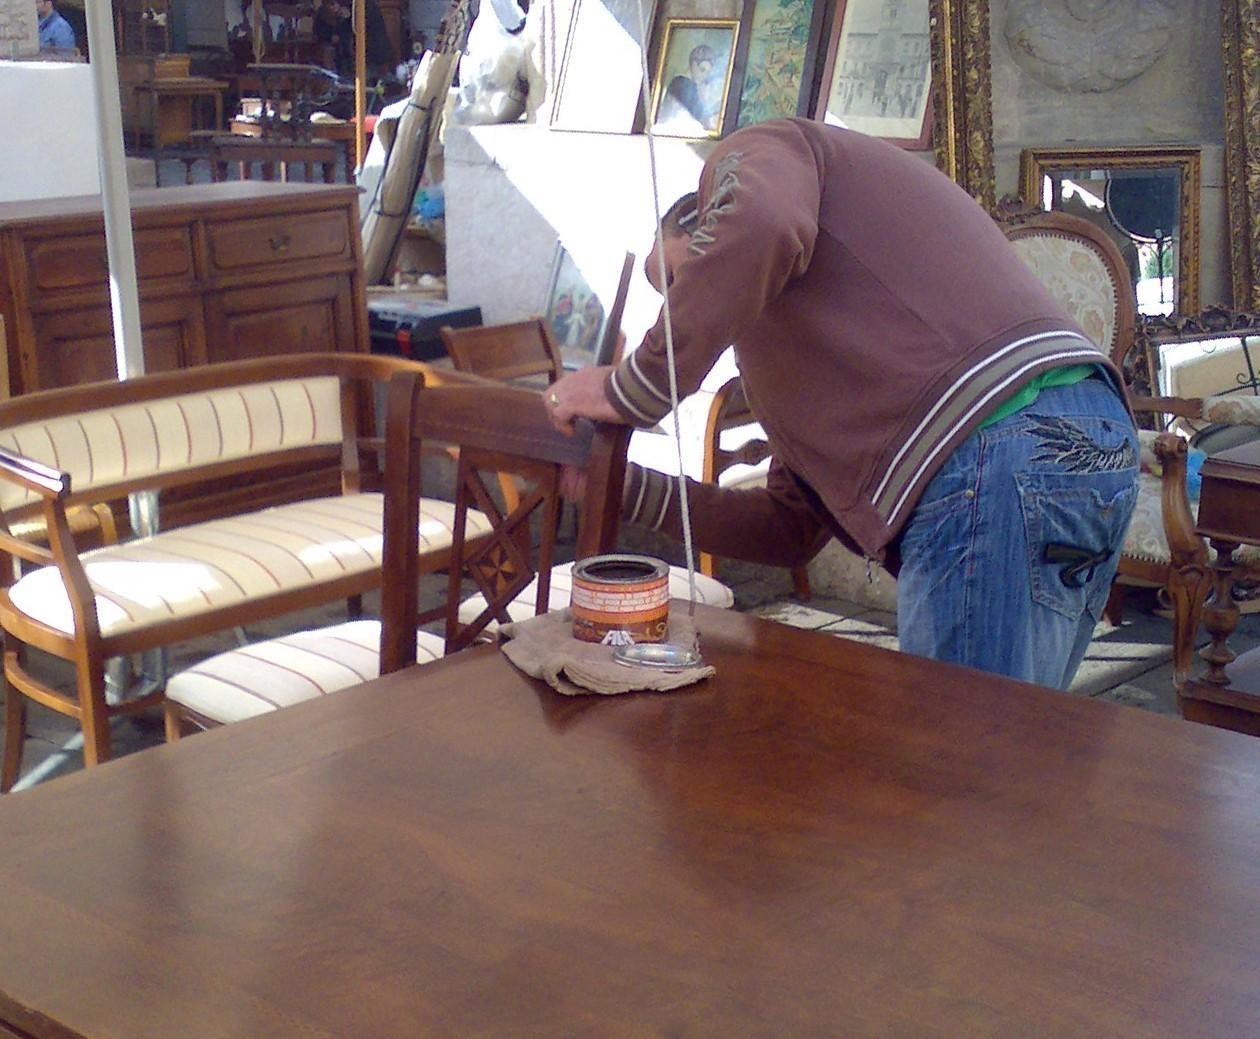 Pulizia e protezione del legno prodotti per il legno filawoood - Mobili che passione ...